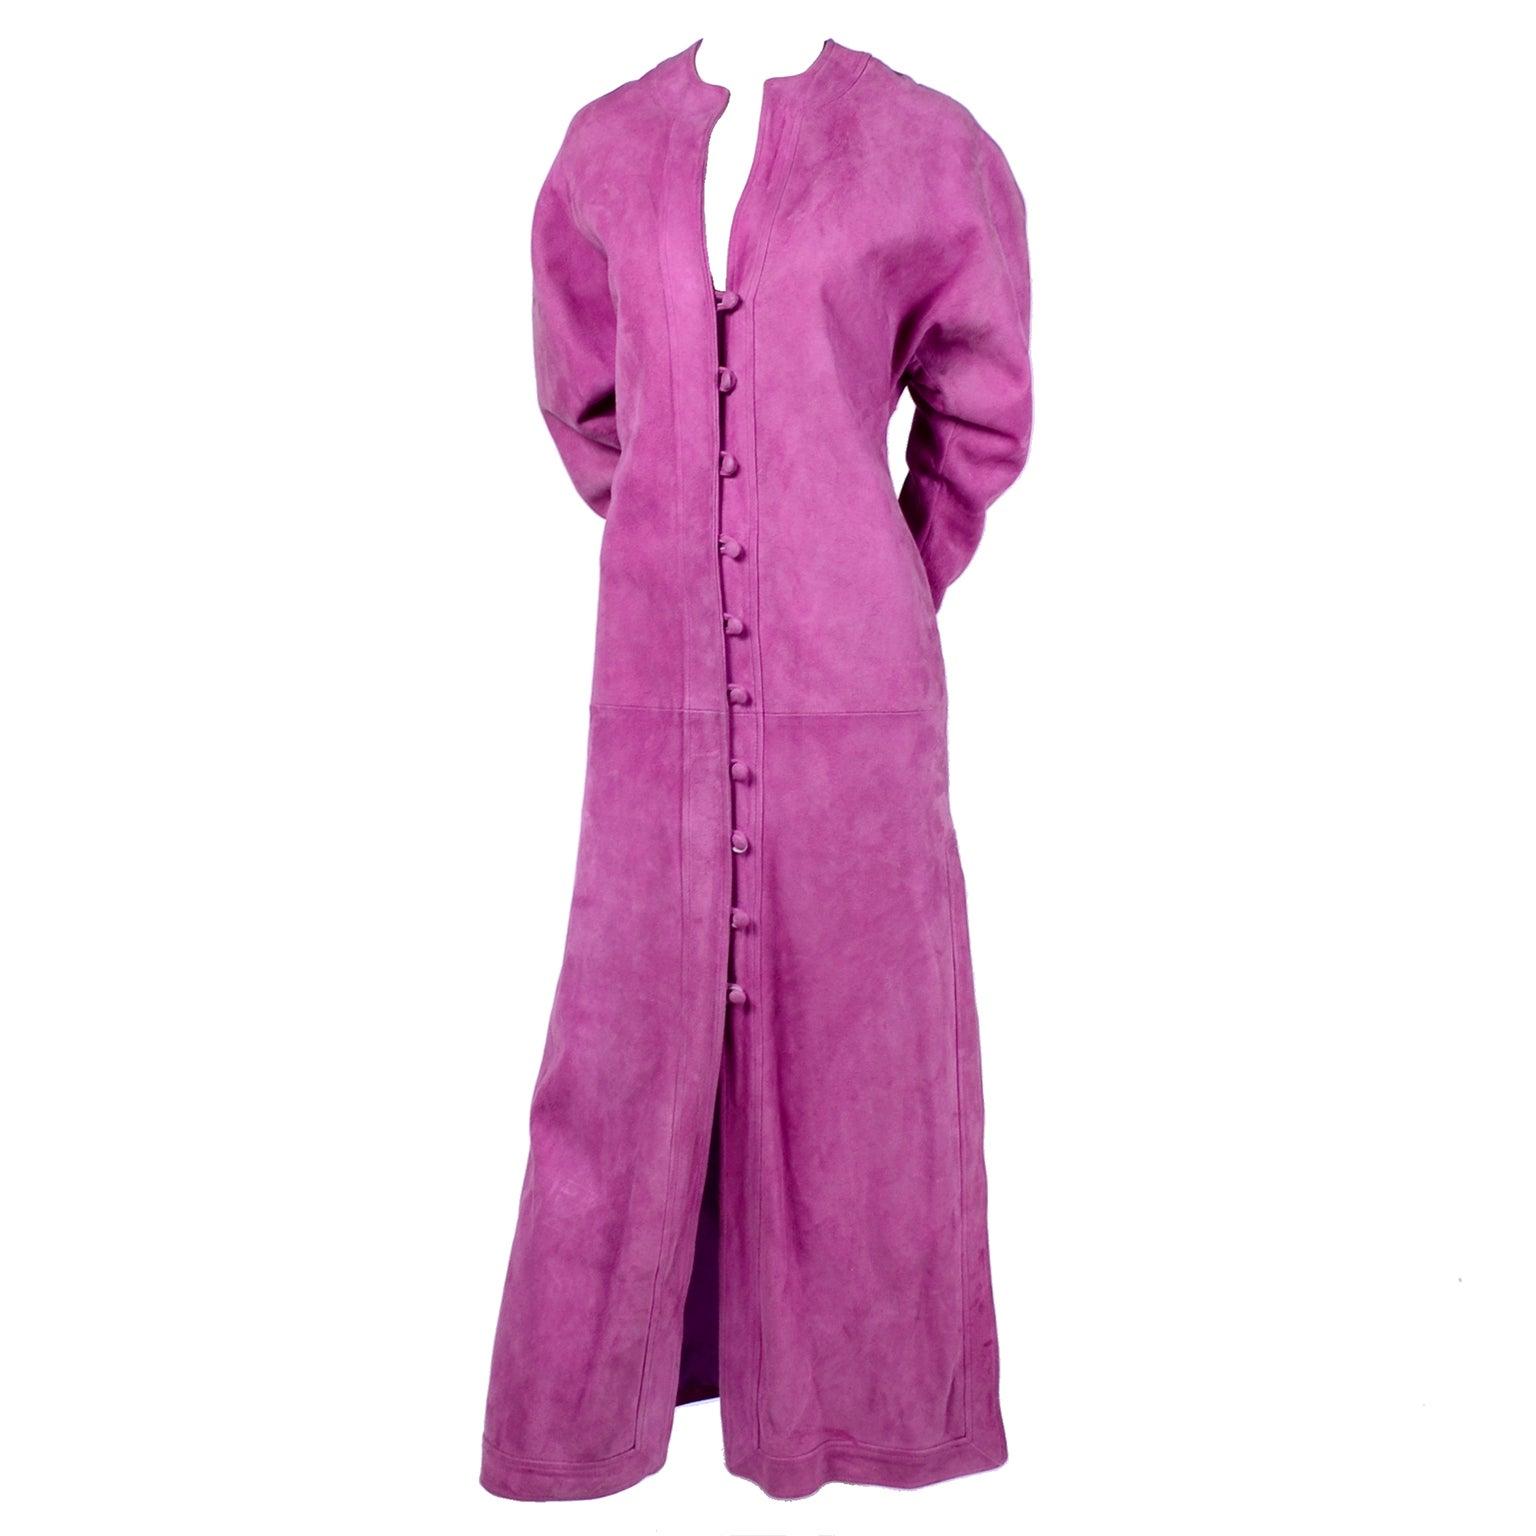 Adolfo Vintage Pink Suede Dress or Coat Dress, 1980s